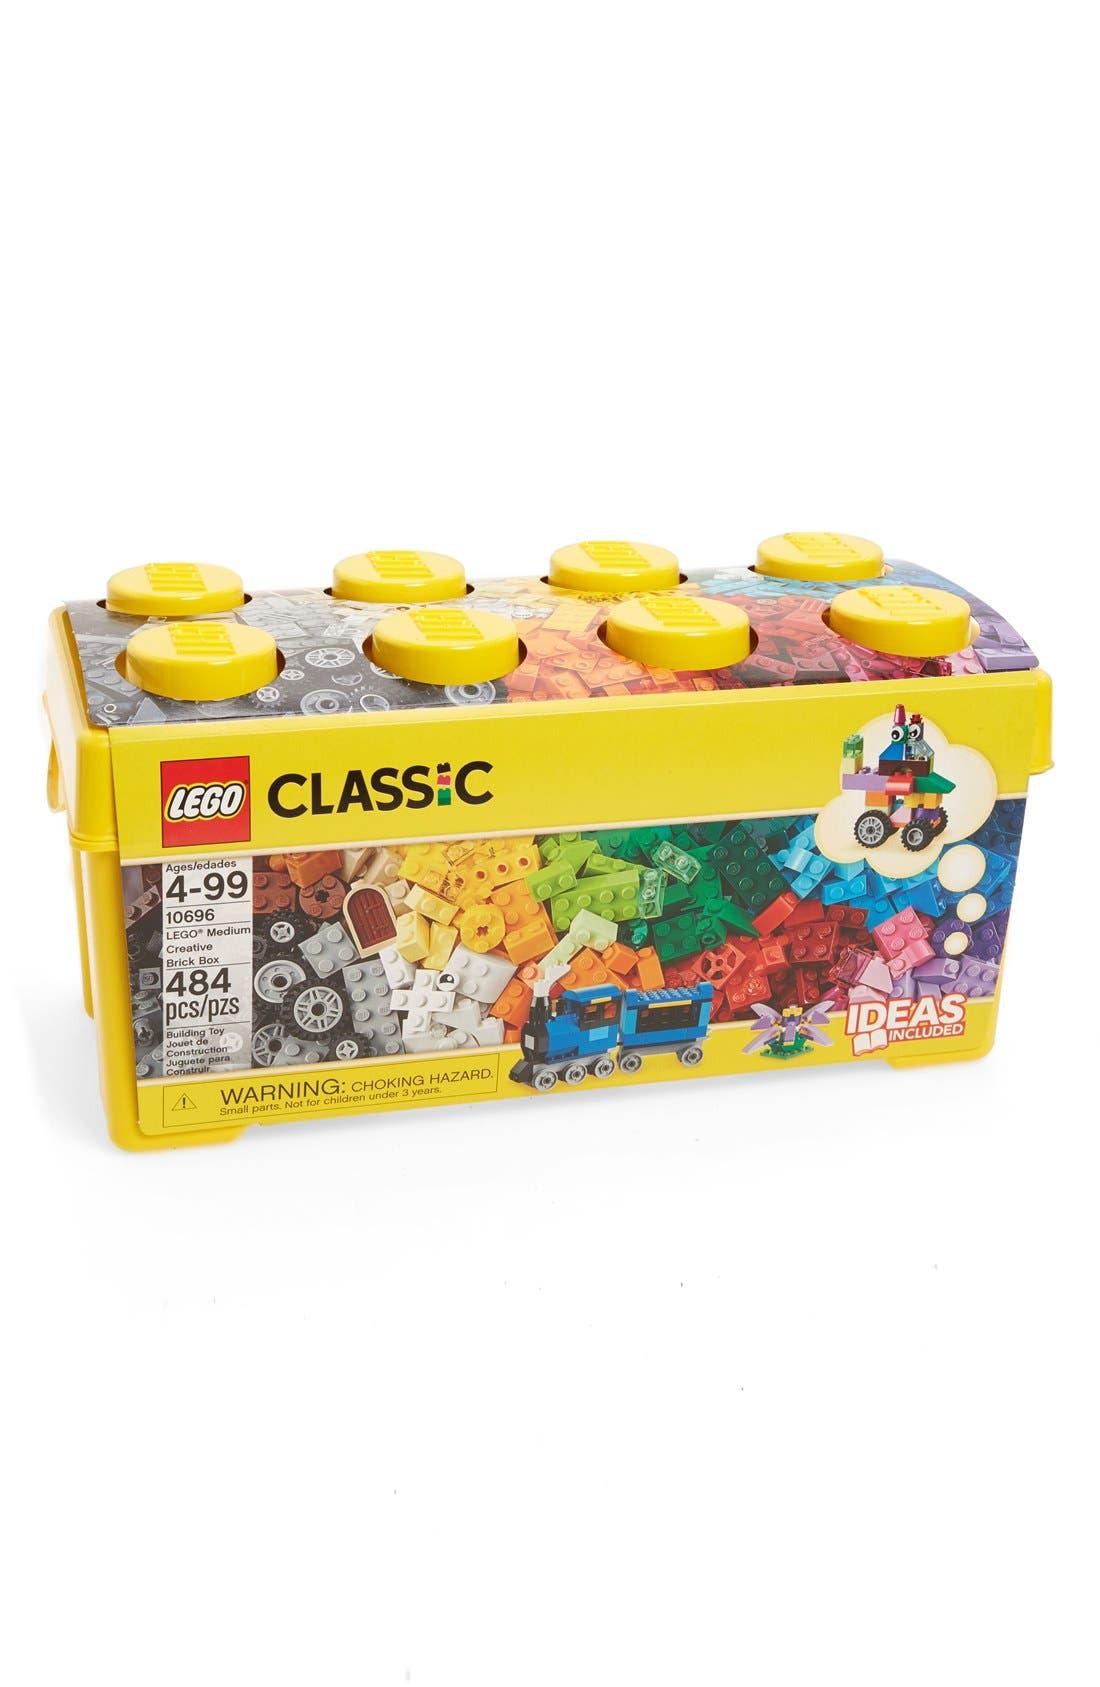 Classic Medium Creative Brick Box - 10696,                             Main thumbnail 1, color,                             MULTI